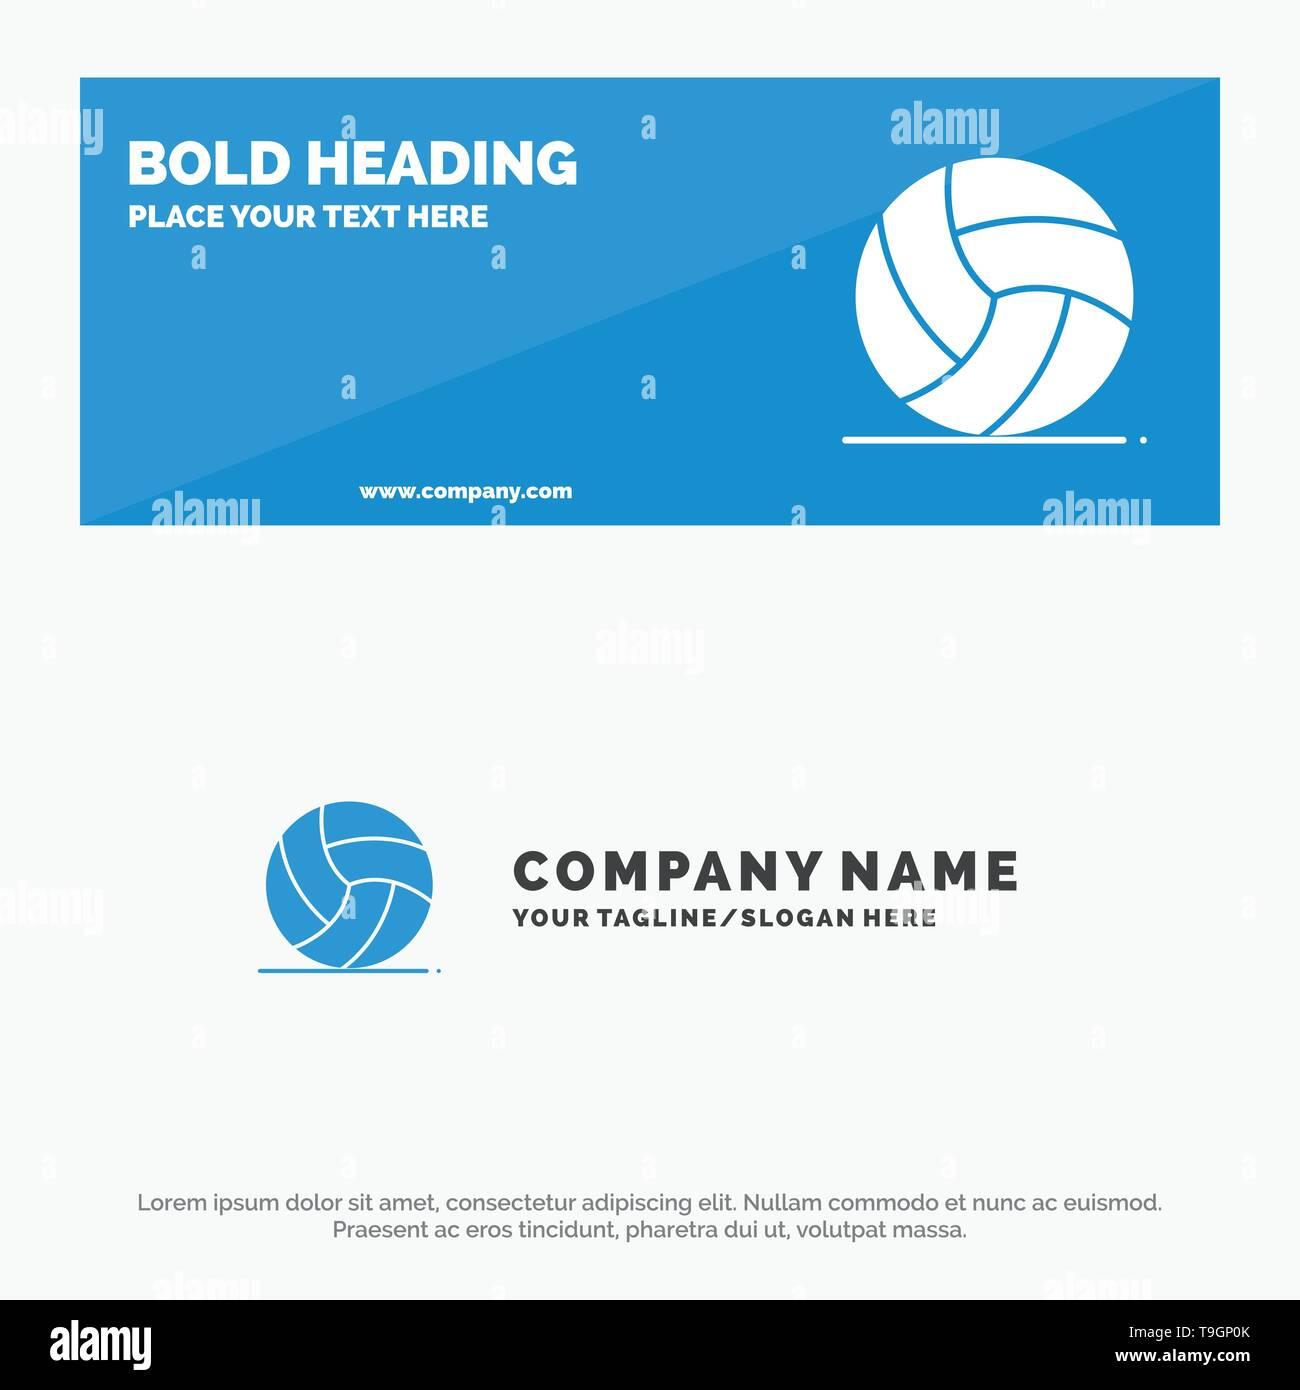 Fussball Irland Spiel Sport Feste Symbol Website Banner